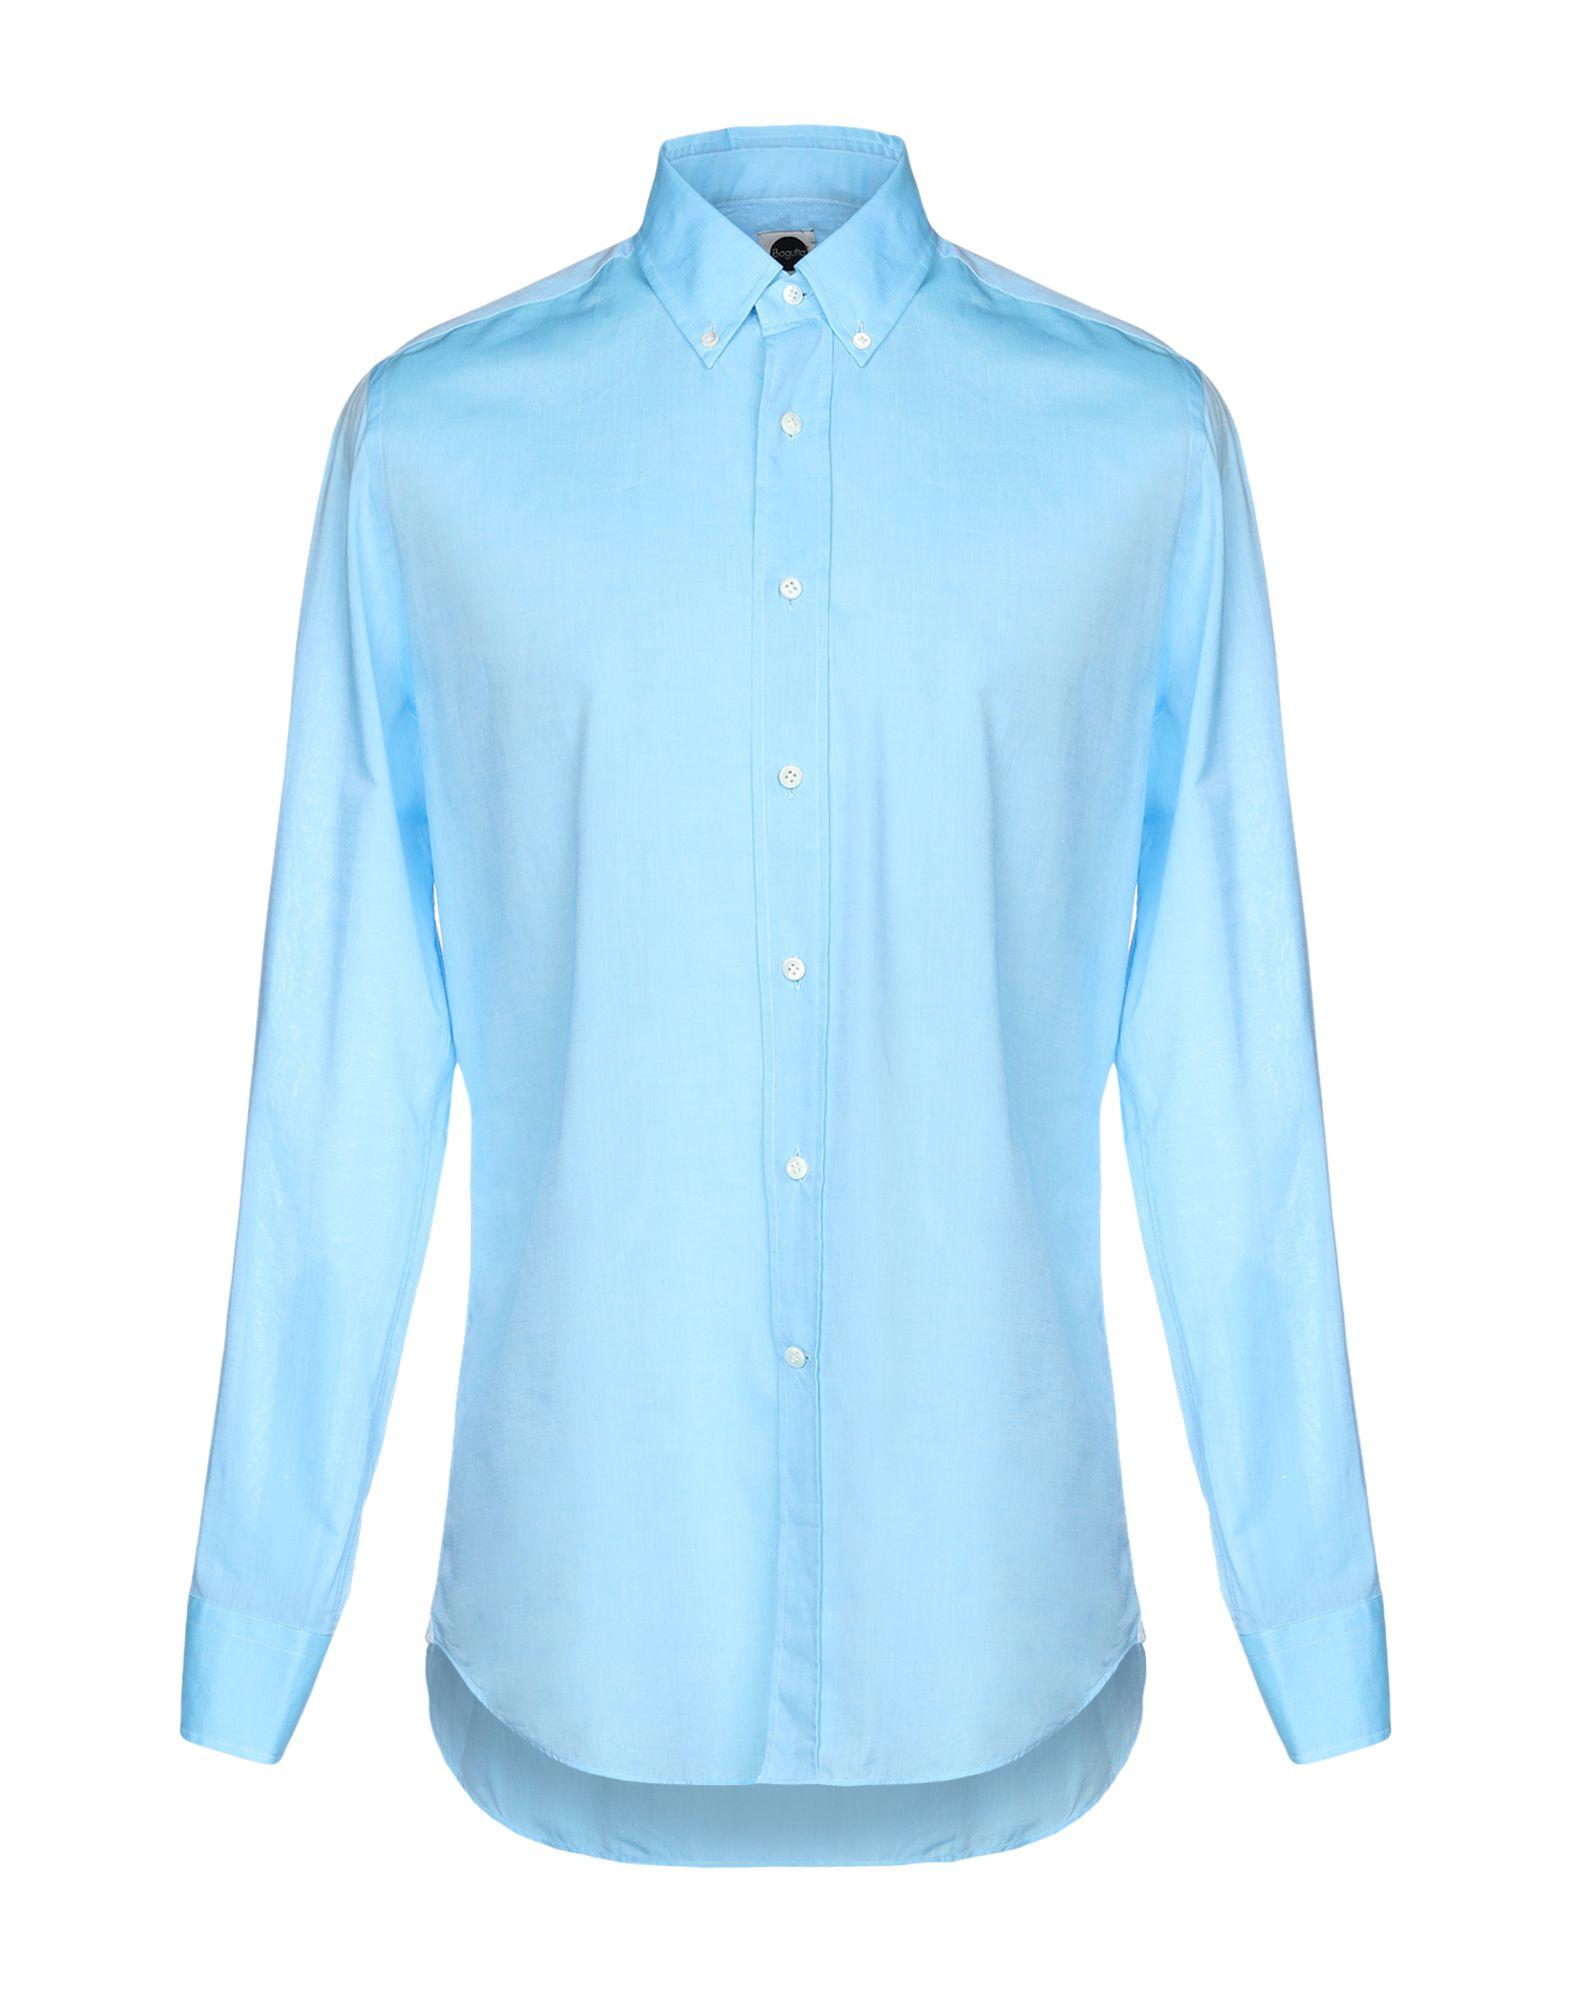 《送料無料》BAGUTTA メンズ シャツ アジュールブルー 40 コットン 100%